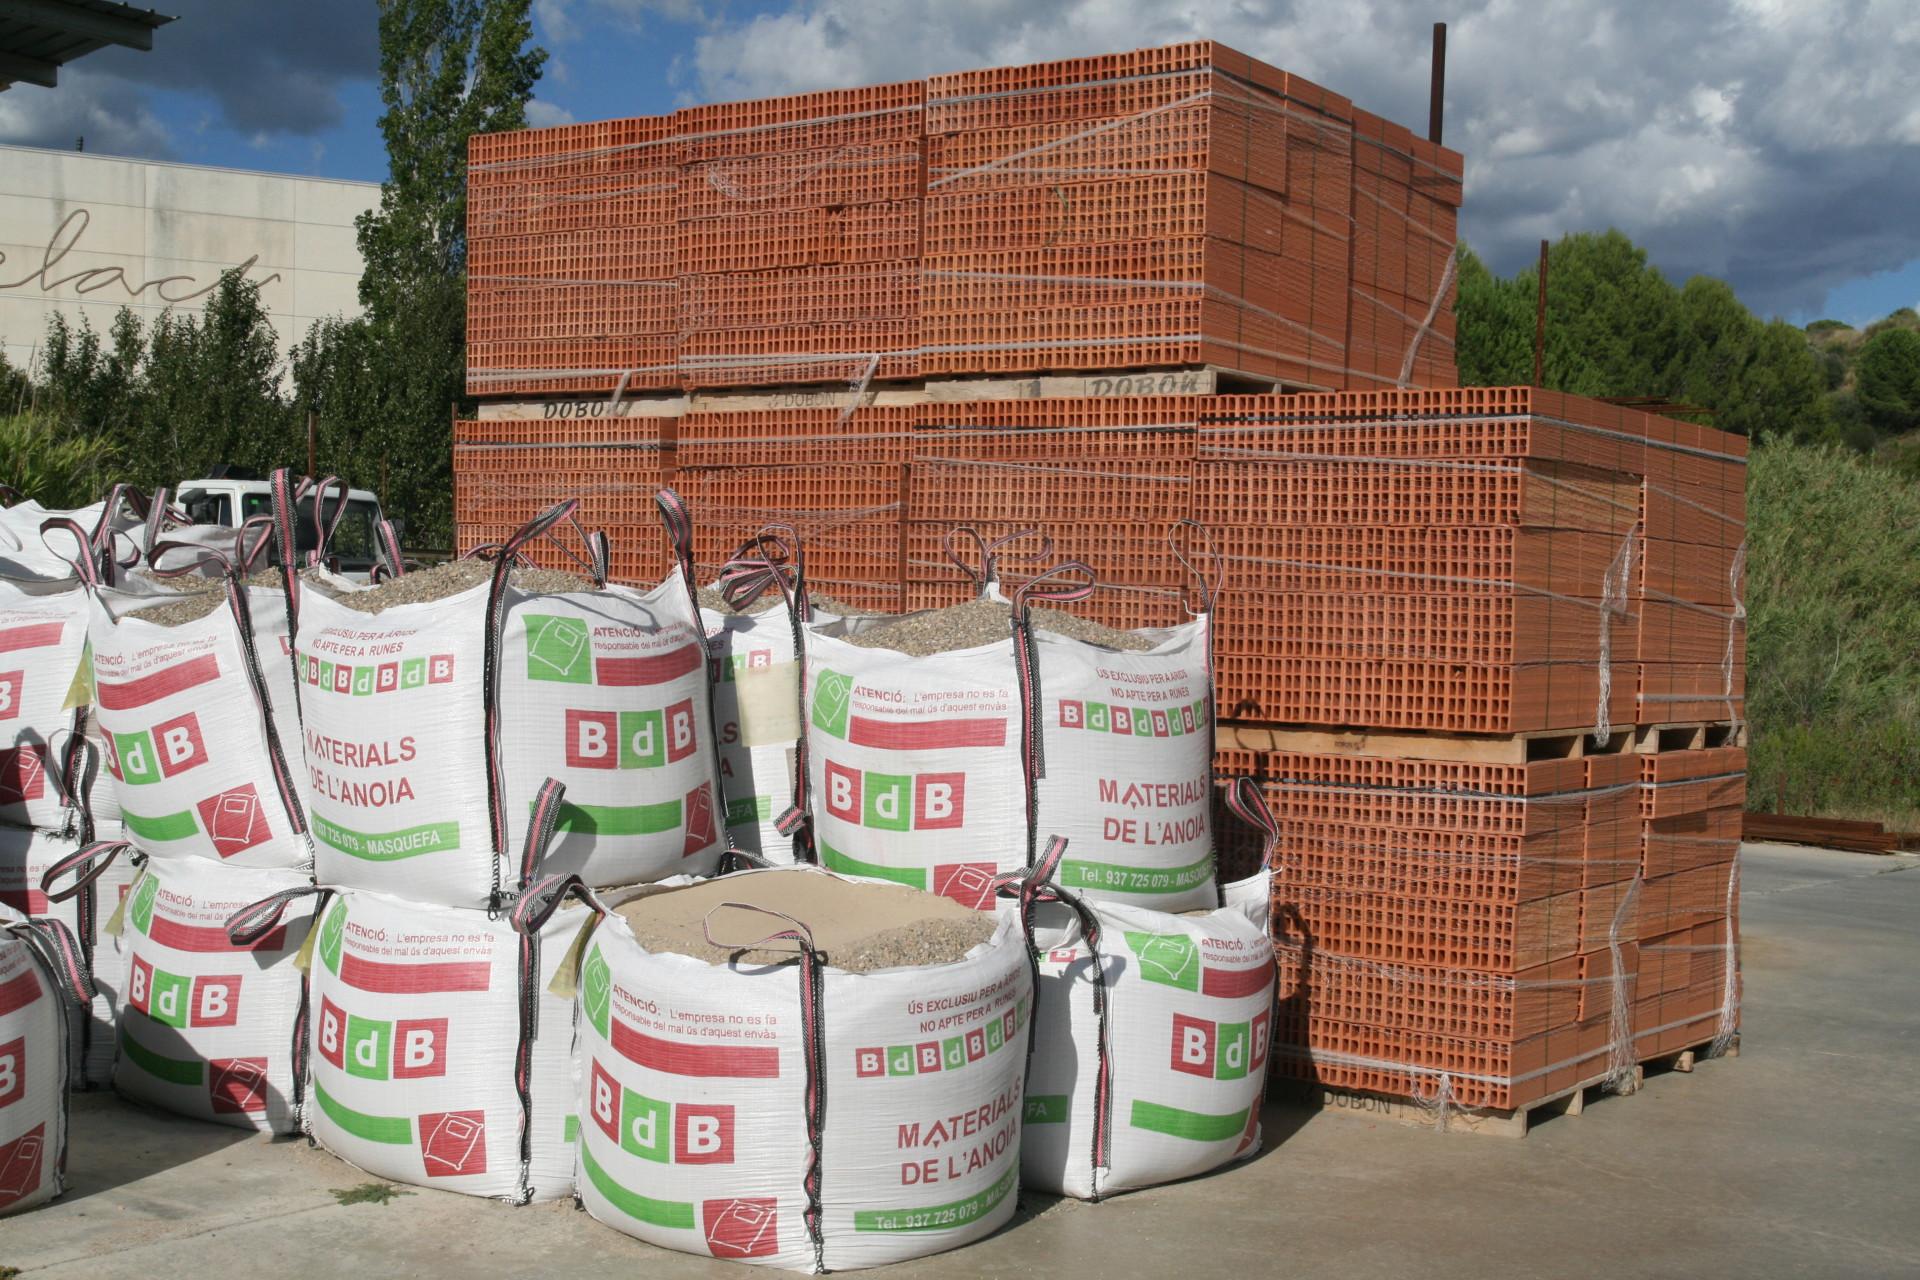 Estoc permanent materials de la construcció al magatzem Materials de l'Anoia